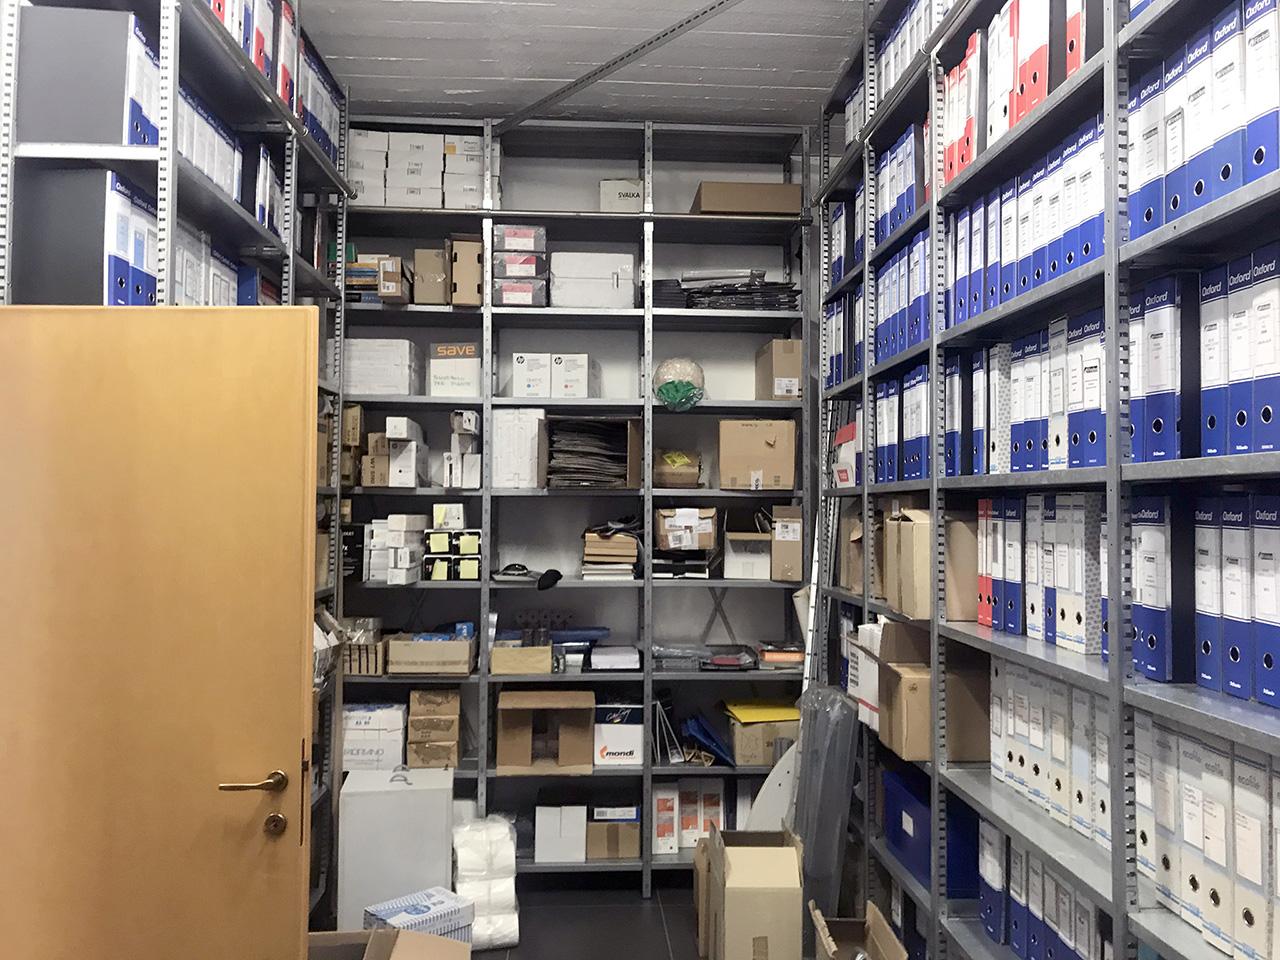 ufficio 677 mq - Atlantic Business Center - quarto piano - archivio